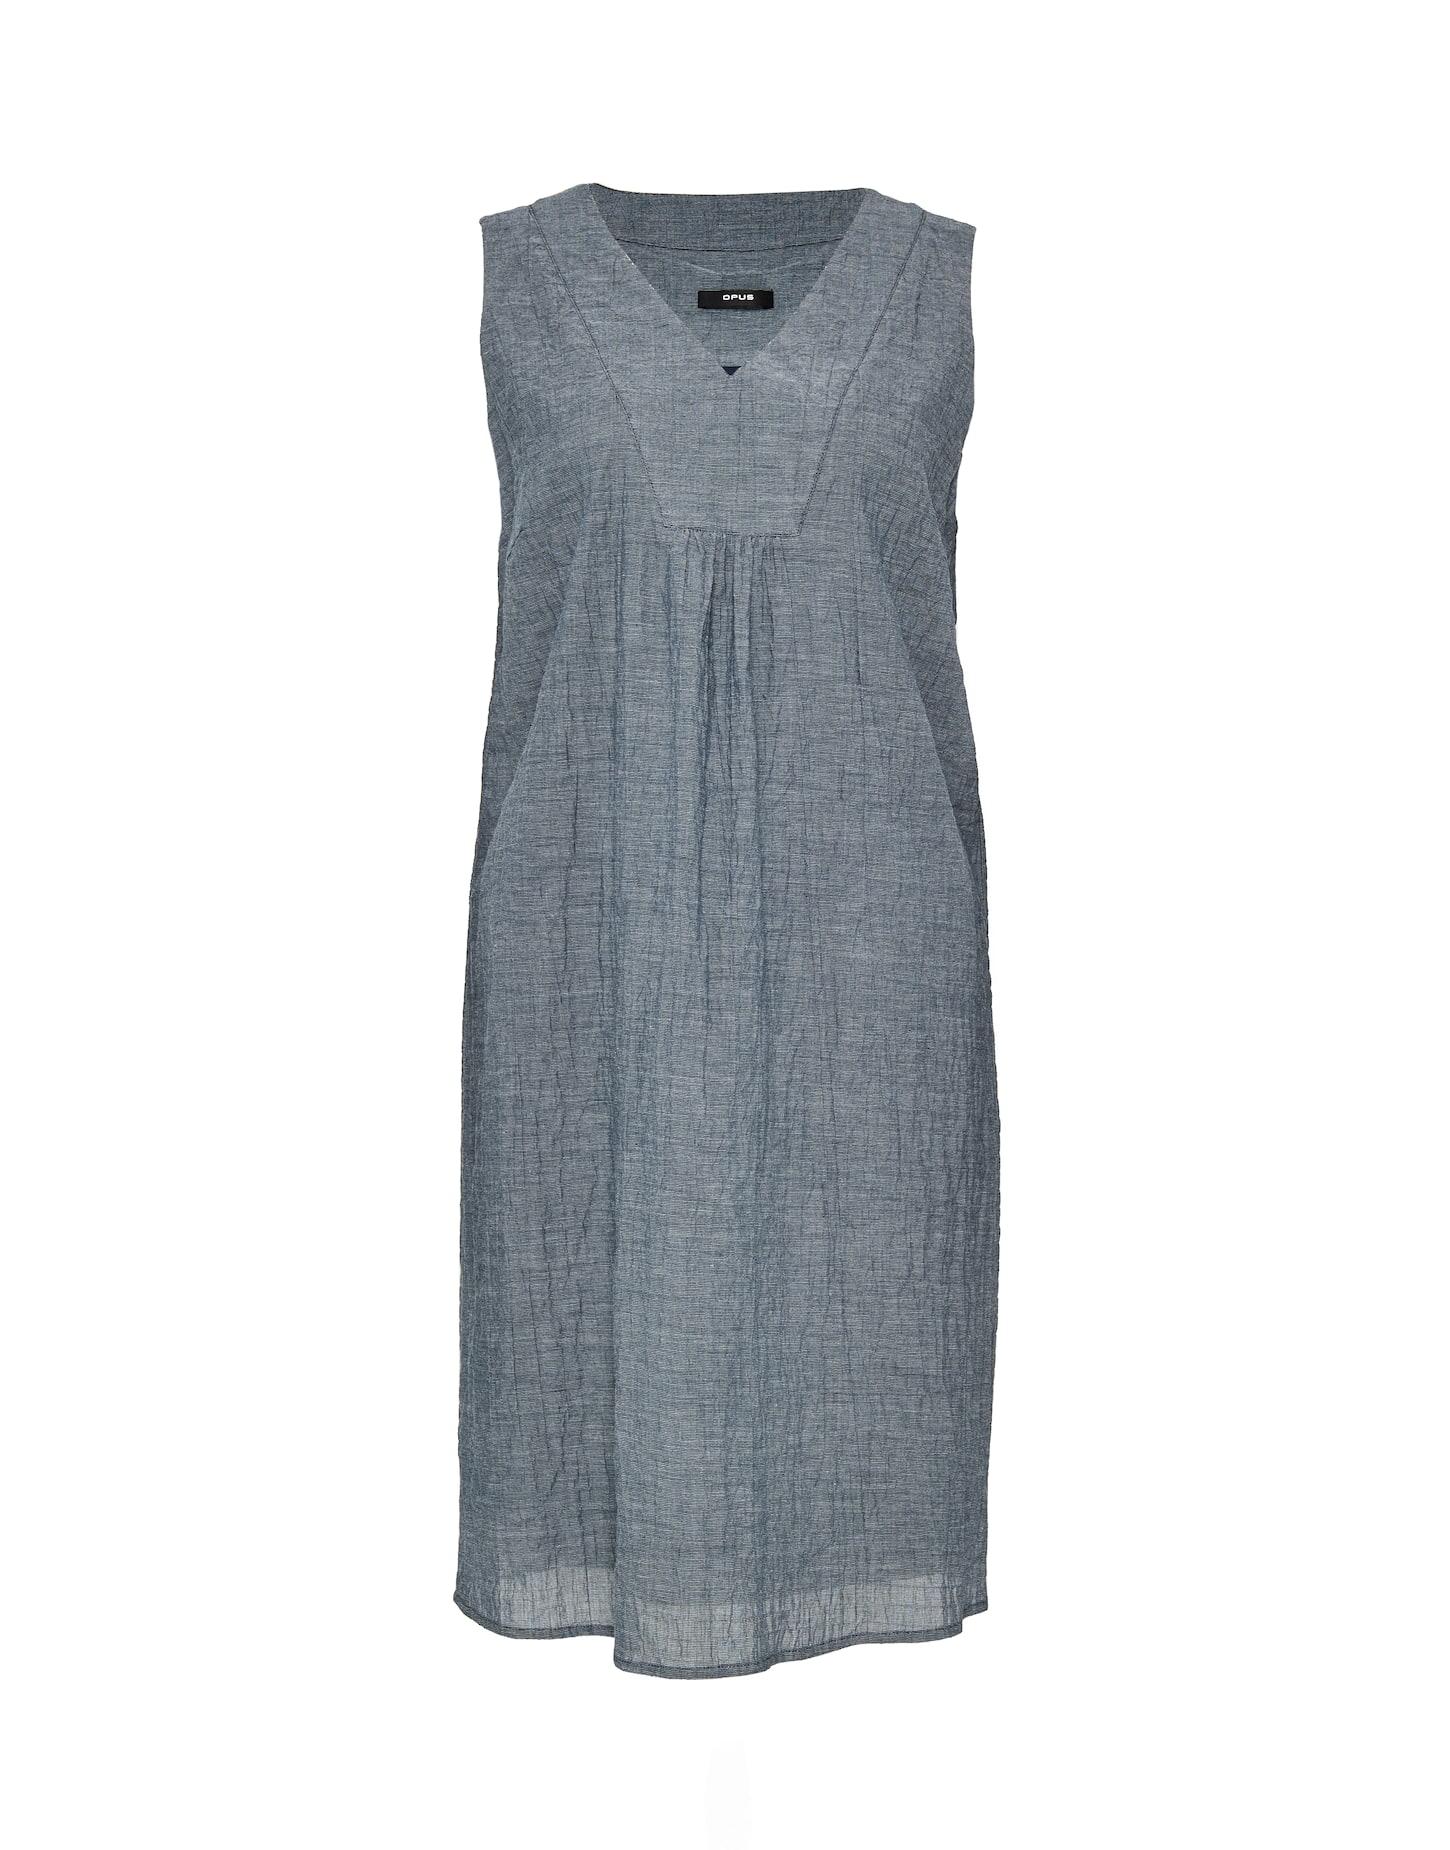 Opus Kleid Aus Baumwolle Wogeta Mystic Blue Hartmann Mode Shop